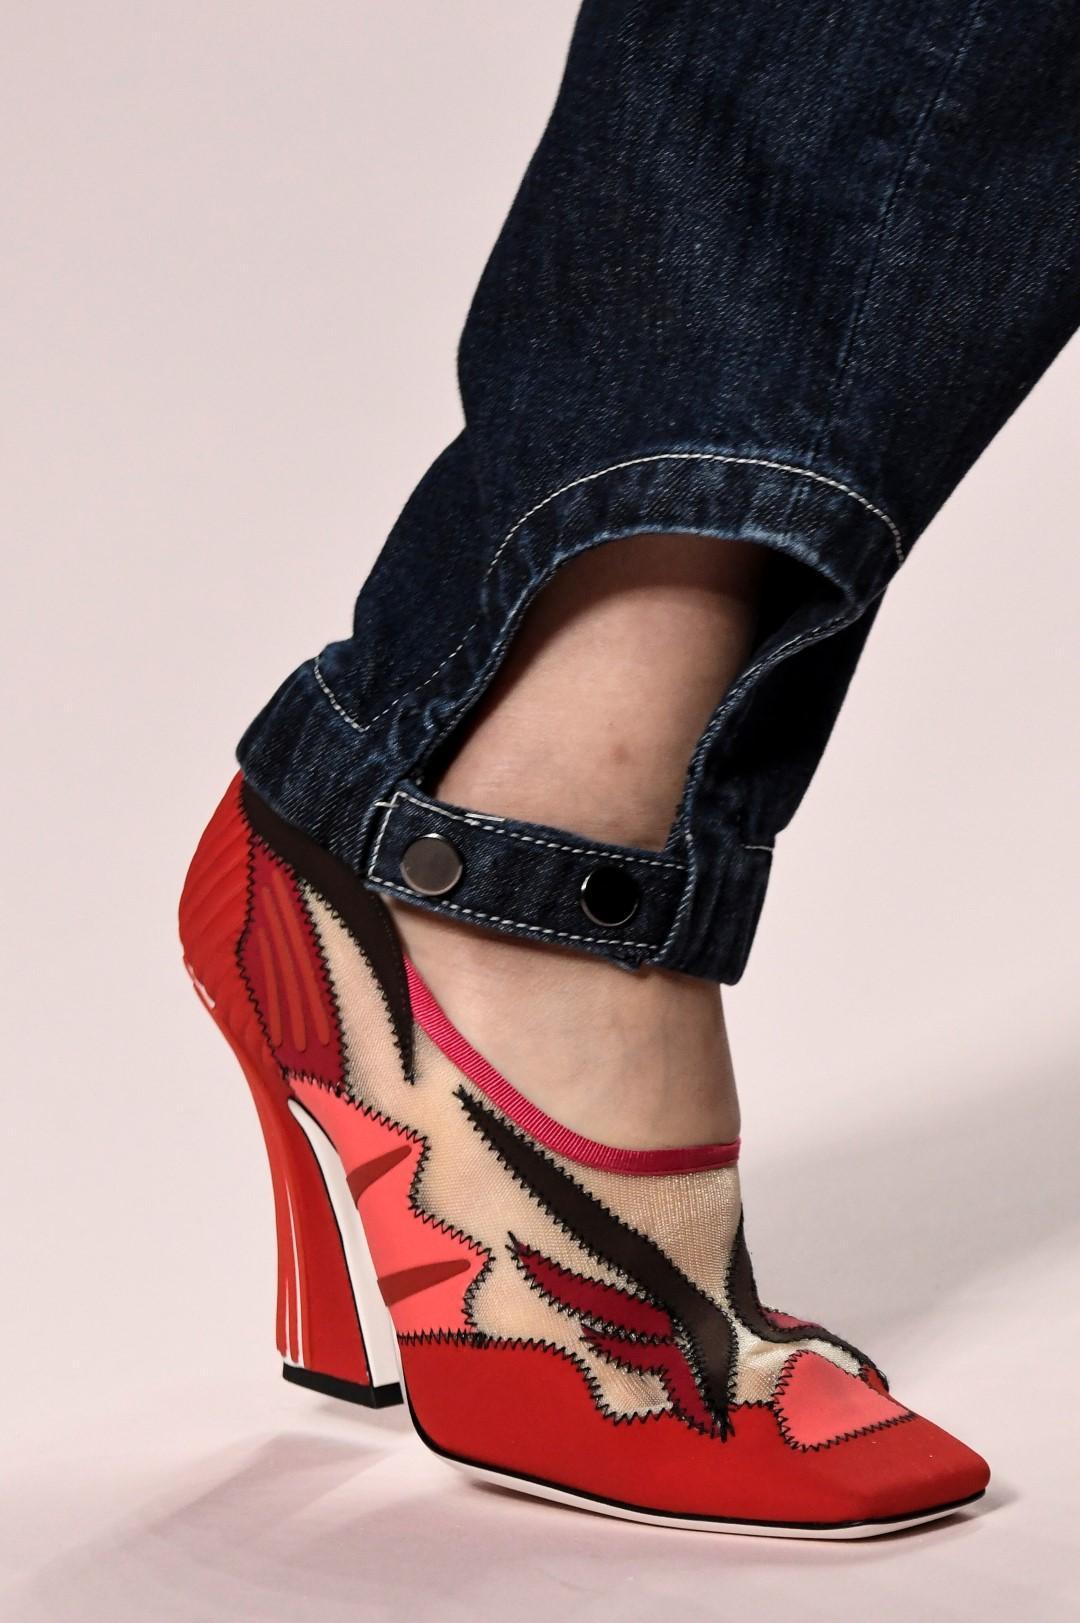 Moda donna, le scarpe più belle da indossare adesso (anche se piove)